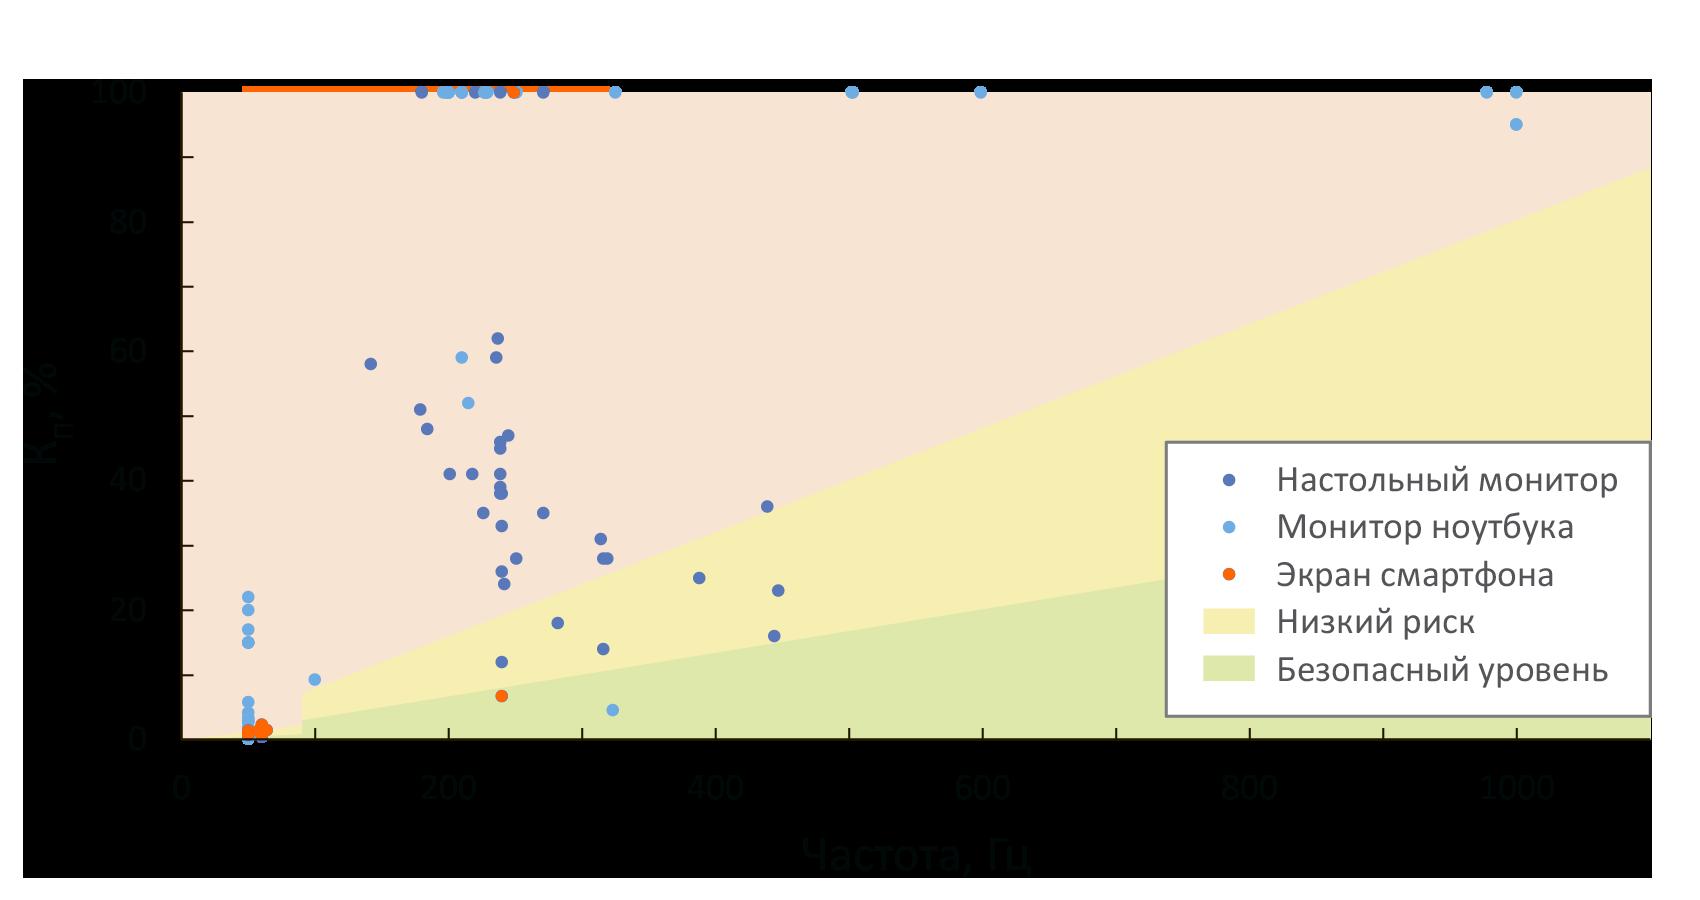 Пульсации яркости: факты, механизмы и нормы - 10